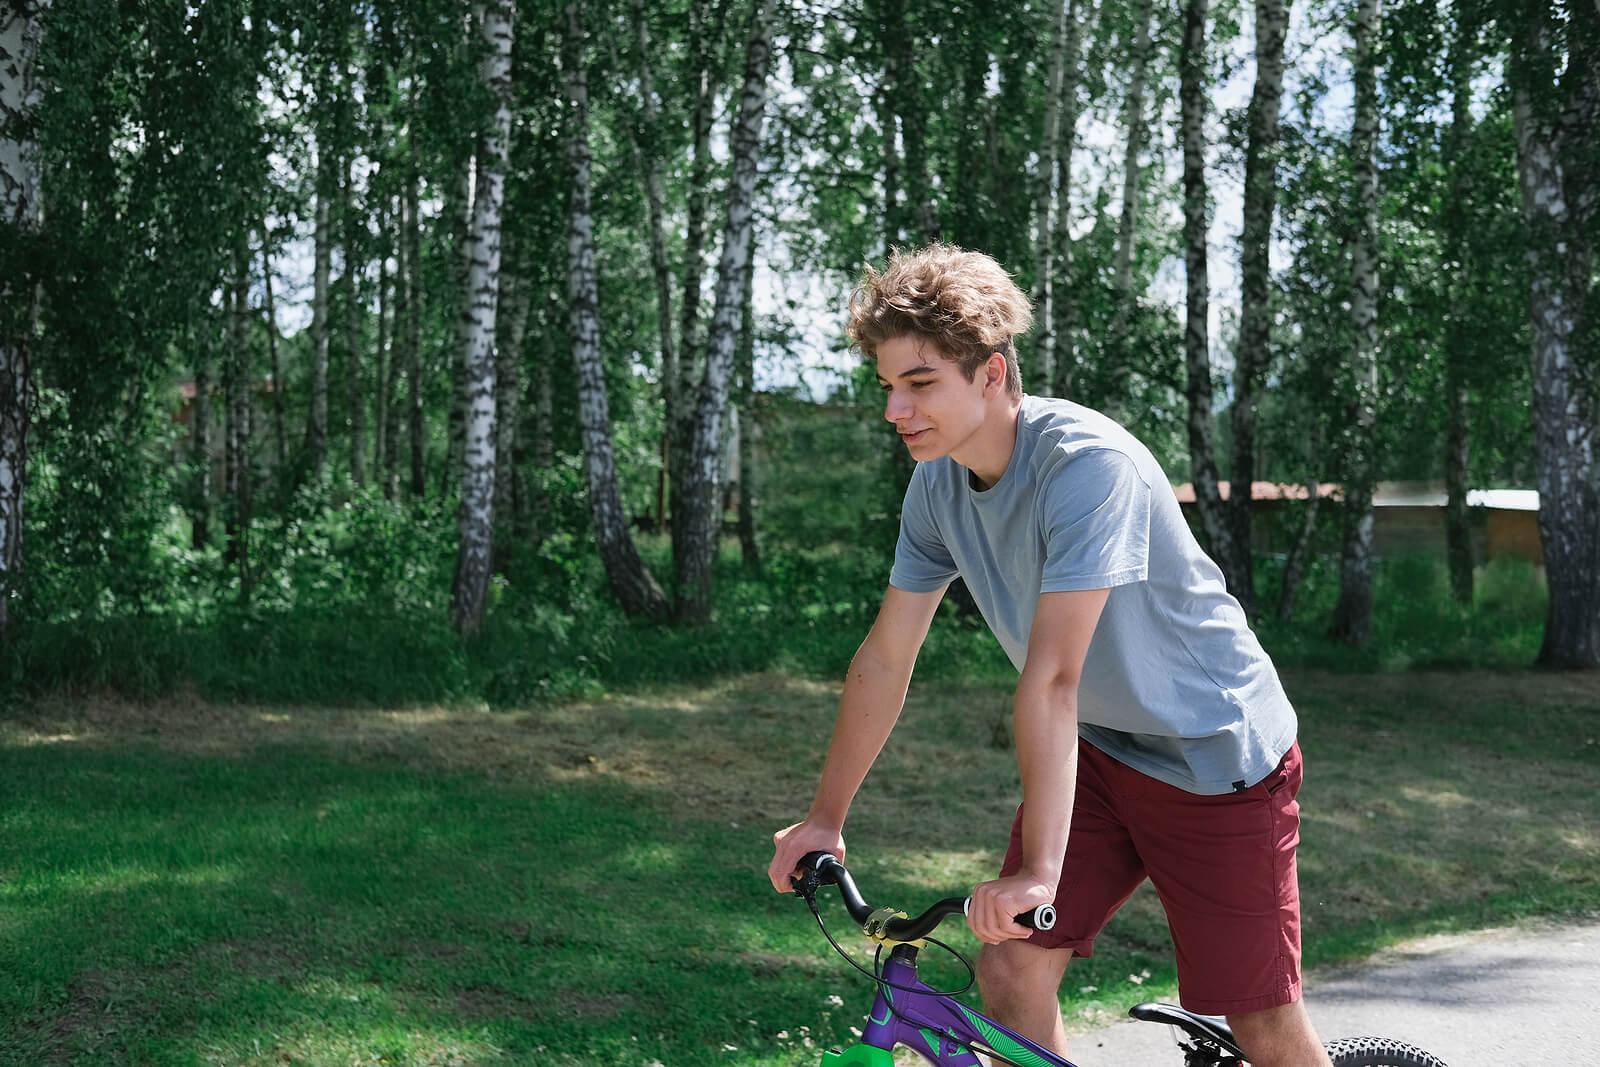 Adolescente montando en bicicleta, uno de los mejores deportes no competitivos.